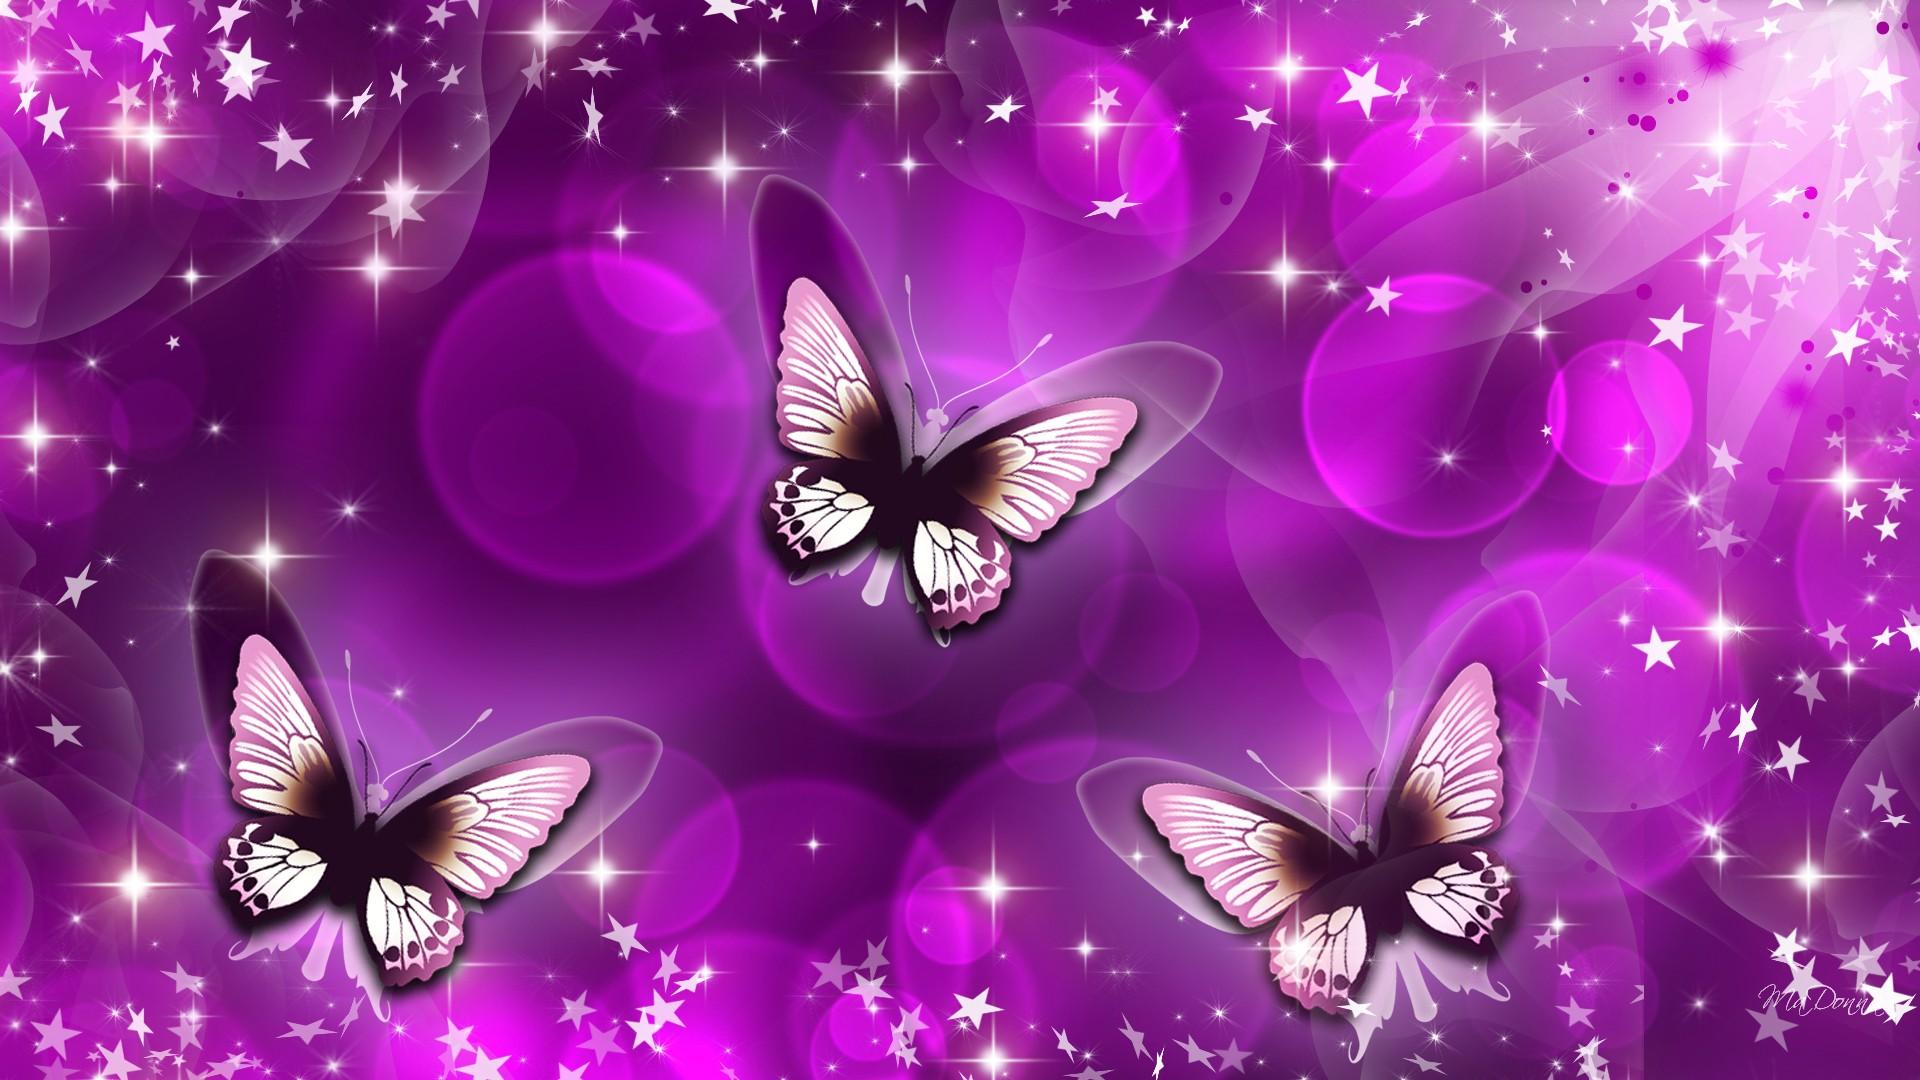 Butterfly Purple Art Wallpaper 11017 Wallpaper Cool Walldiskpaper 1920x1080